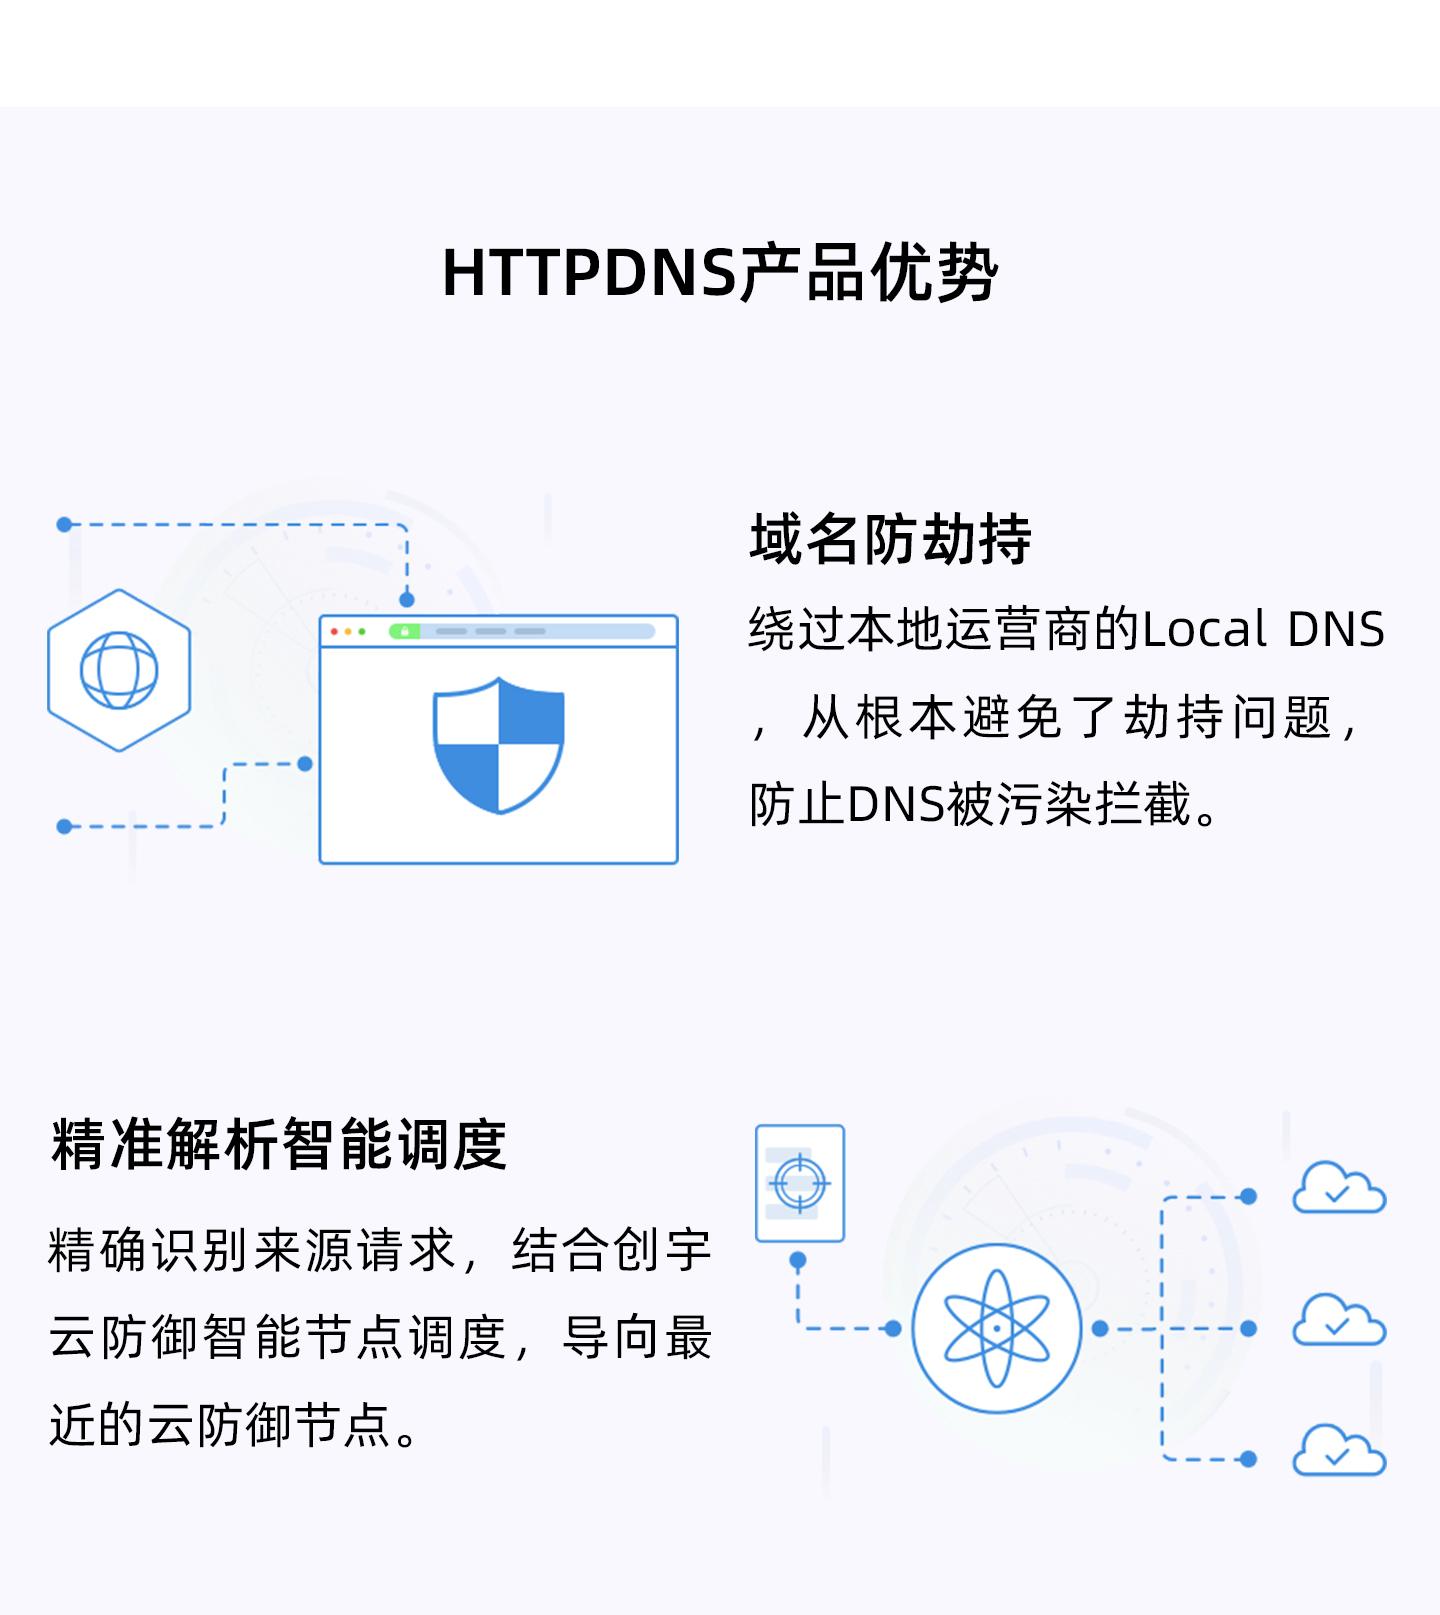 HTTPDNS1440_03.jpg